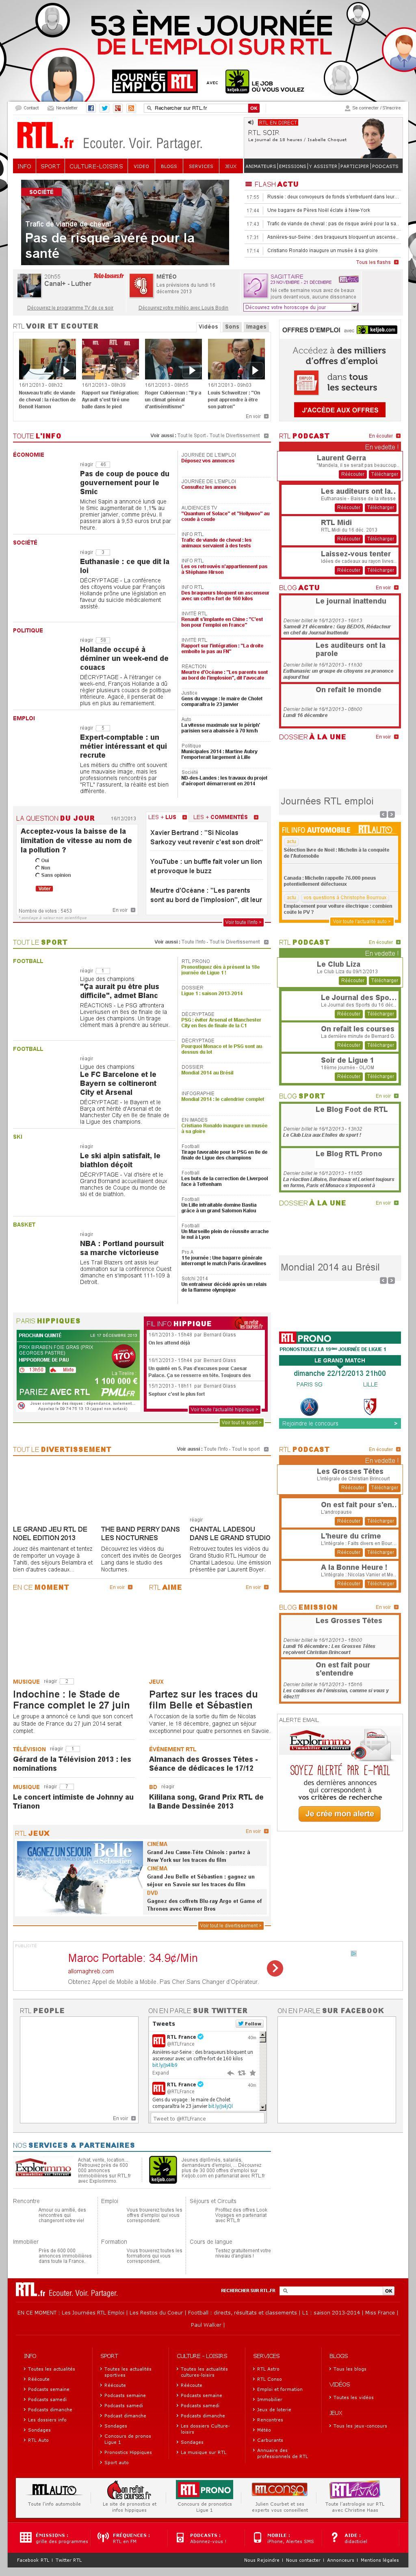 RTL at Monday Dec. 16, 2013, 5:14 p.m. UTC